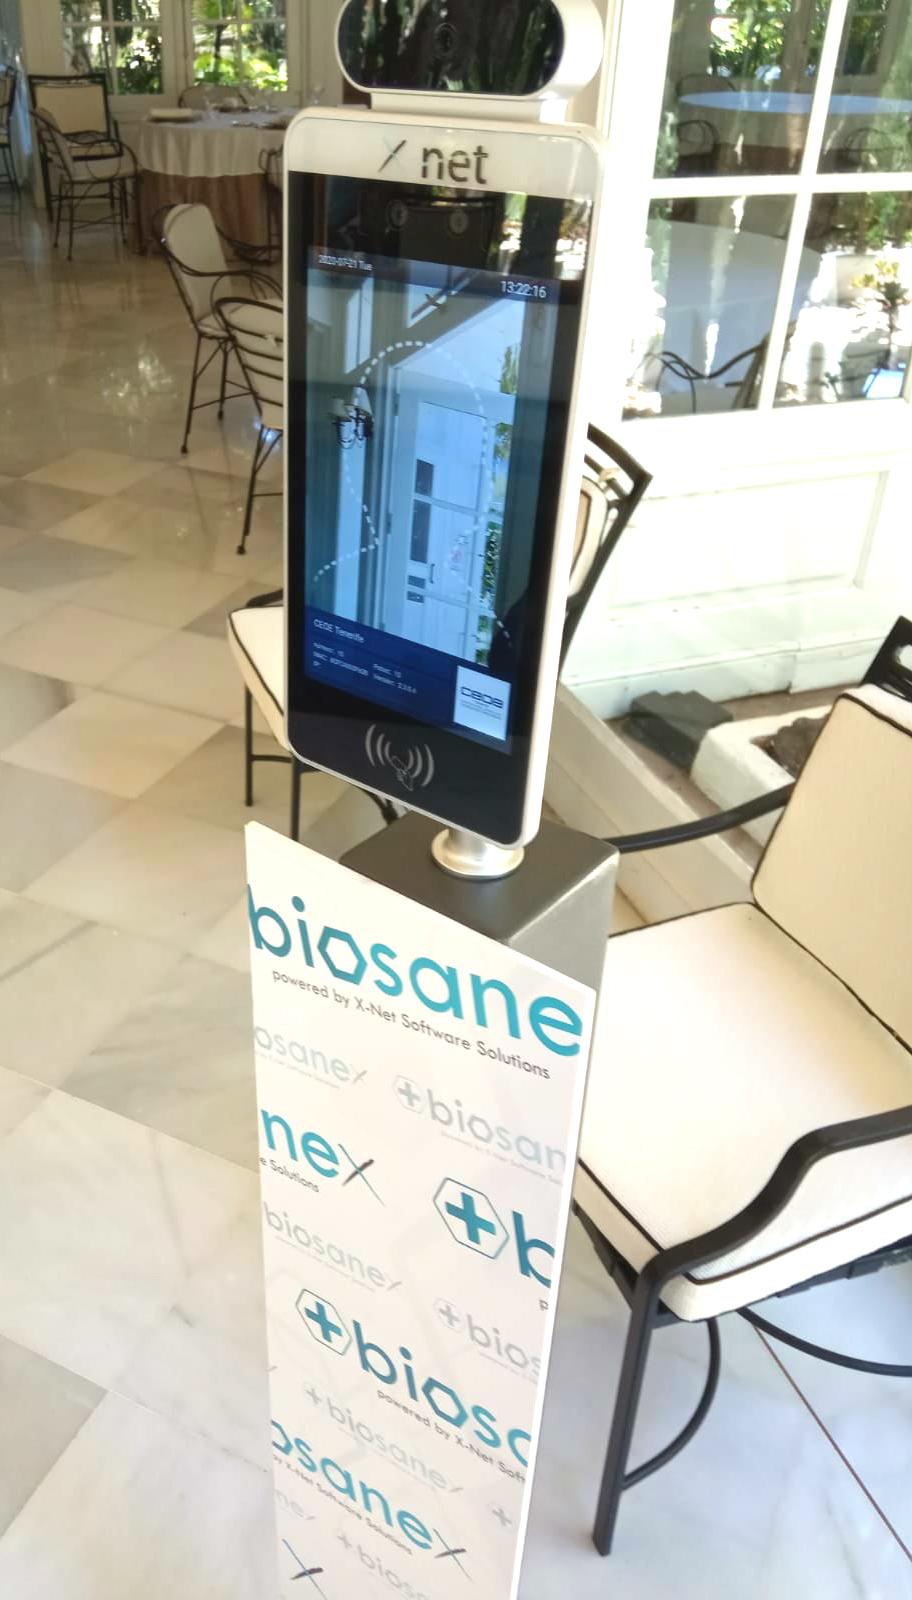 biosanex hotel - LOS HOTELES TRAS EL CORONAVIRUS